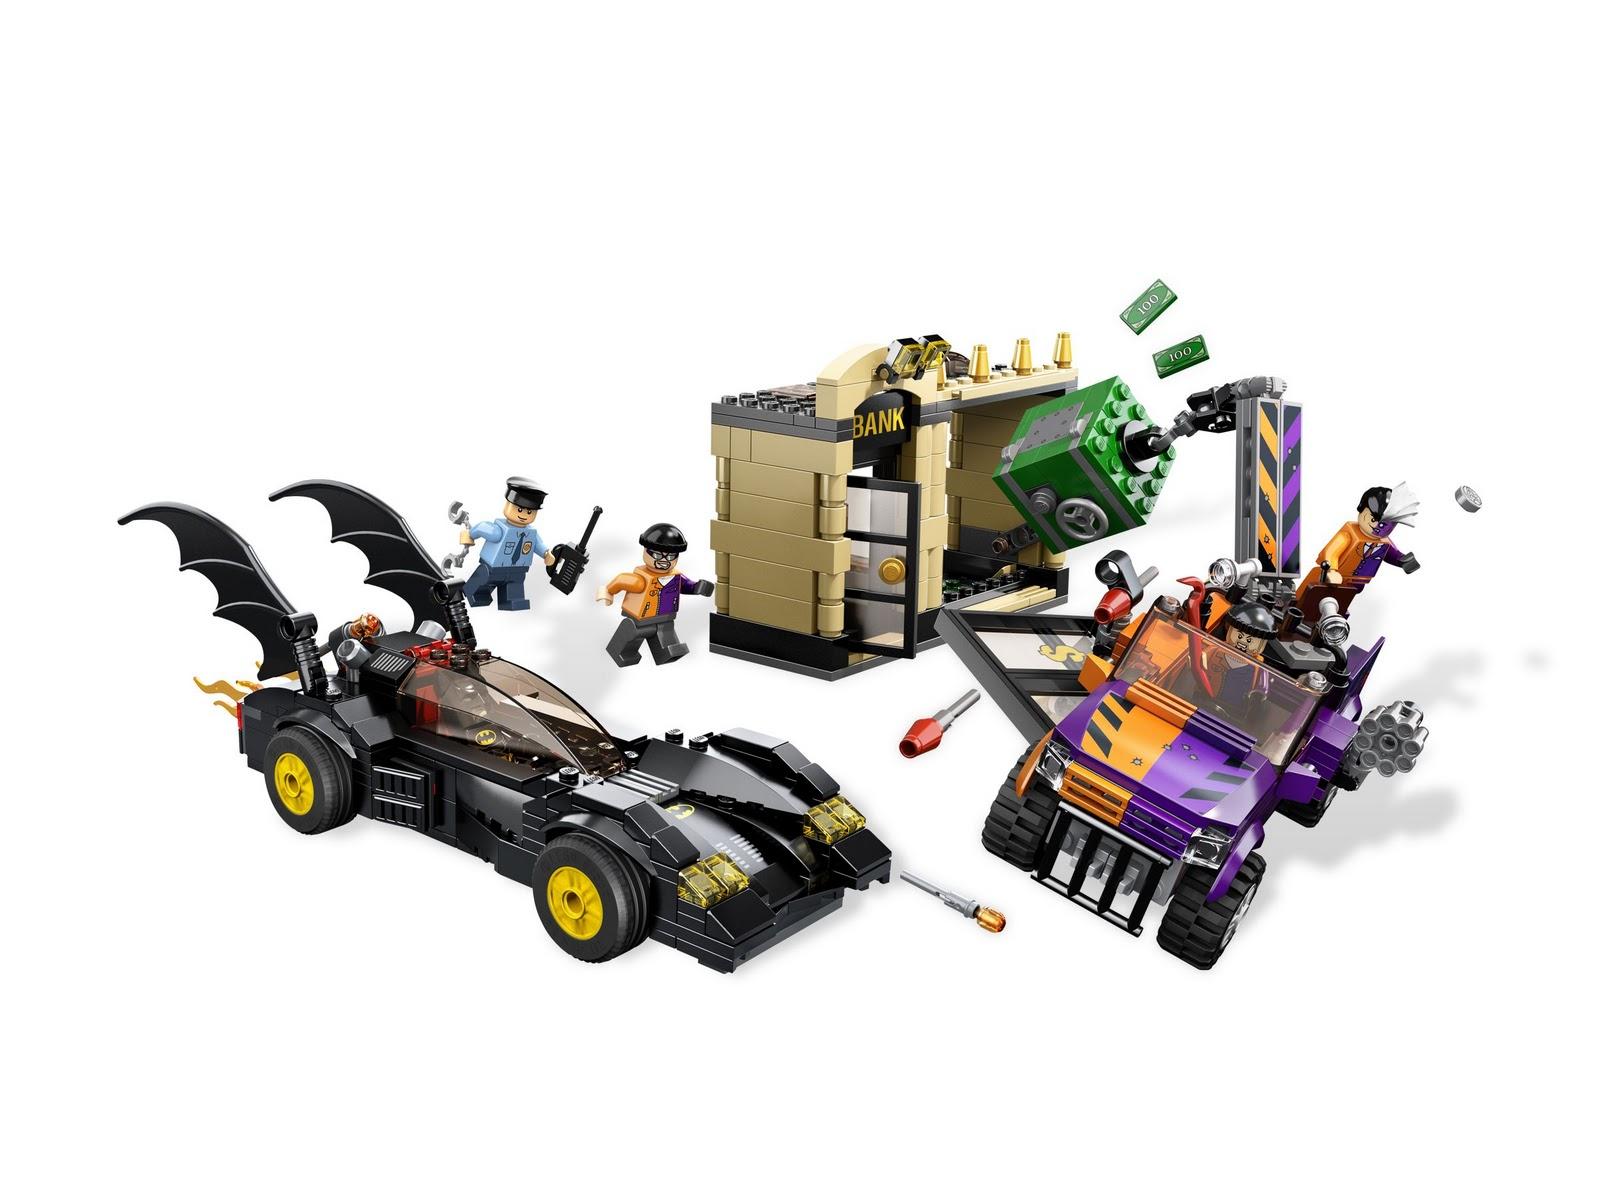 lego batman 3 batmobile - photo #41